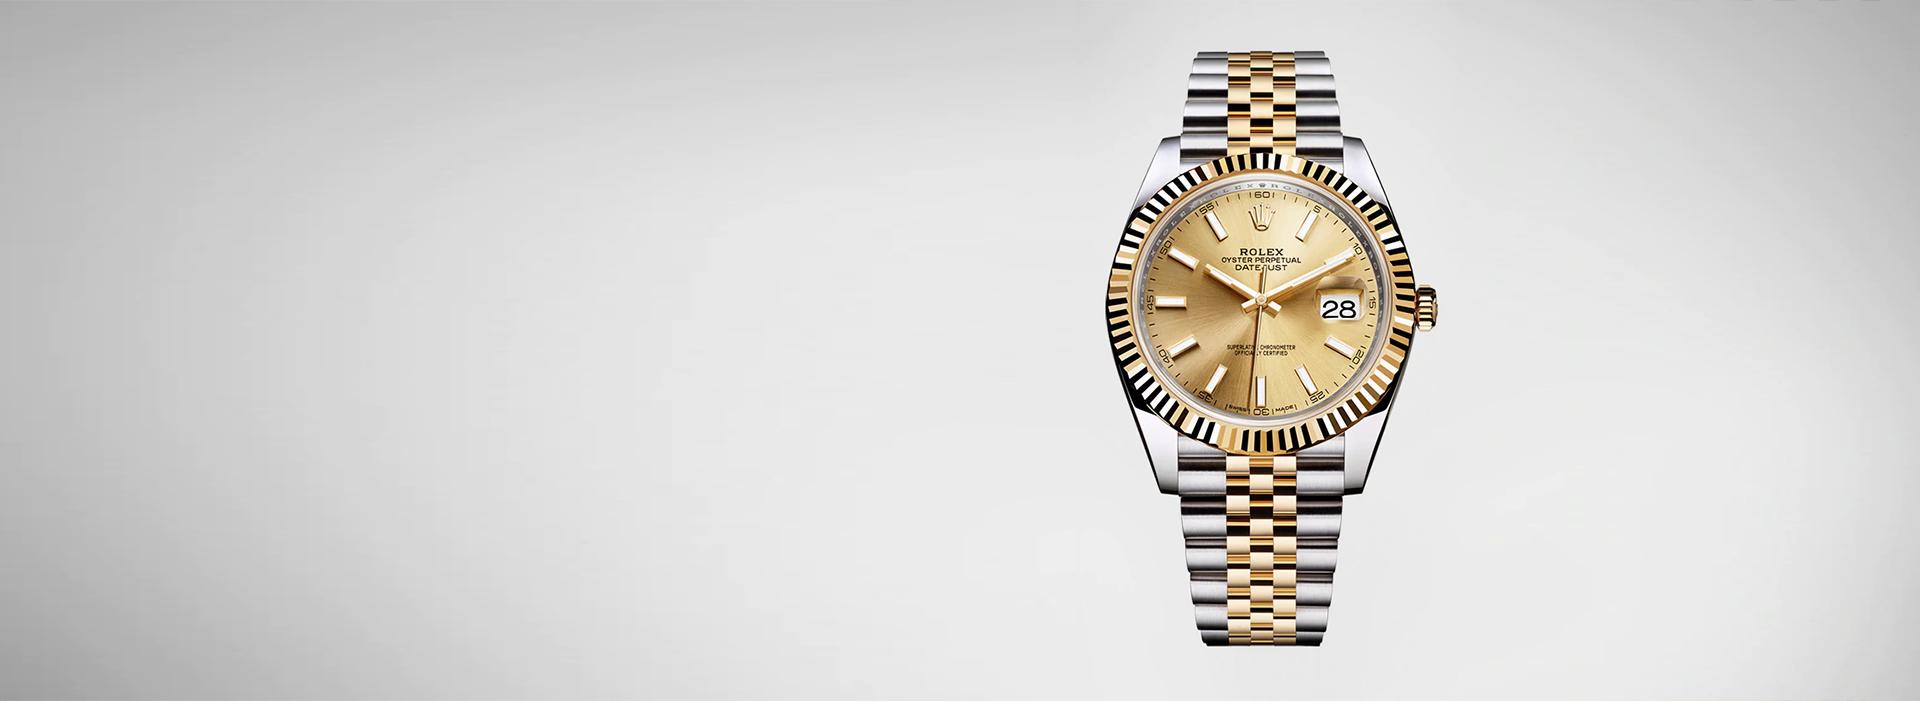 Compra e Avaliação de Relógios